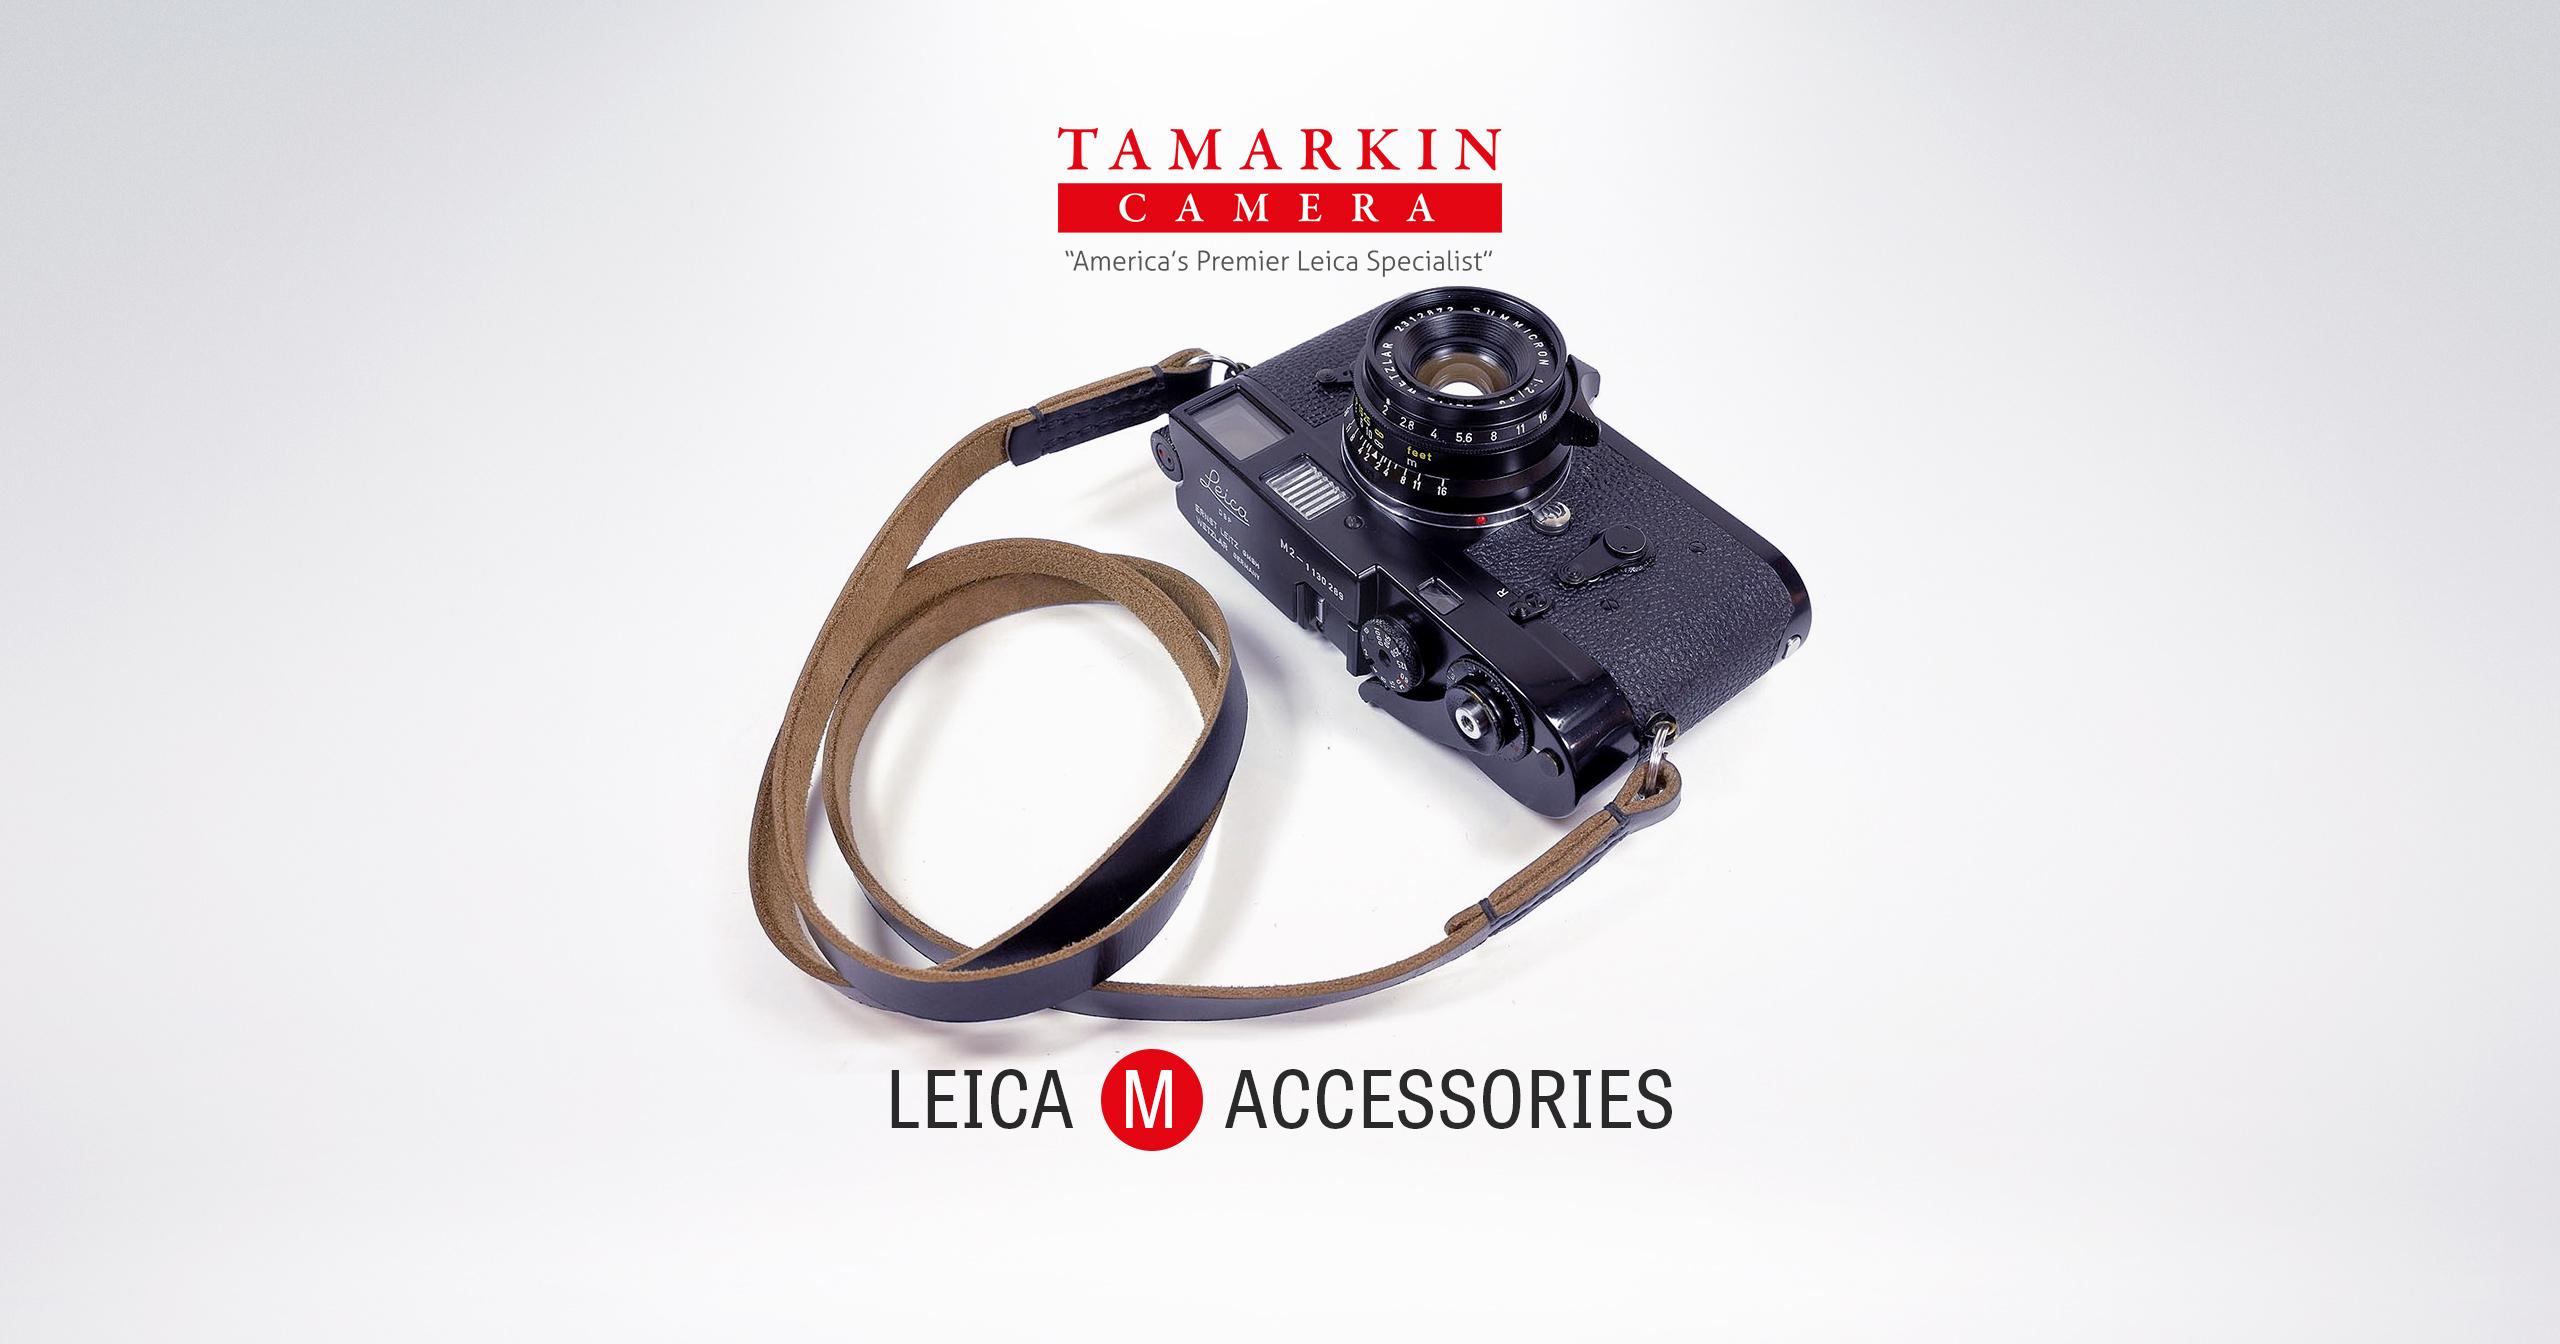 Leica M Accessories | Tamarkin Camera